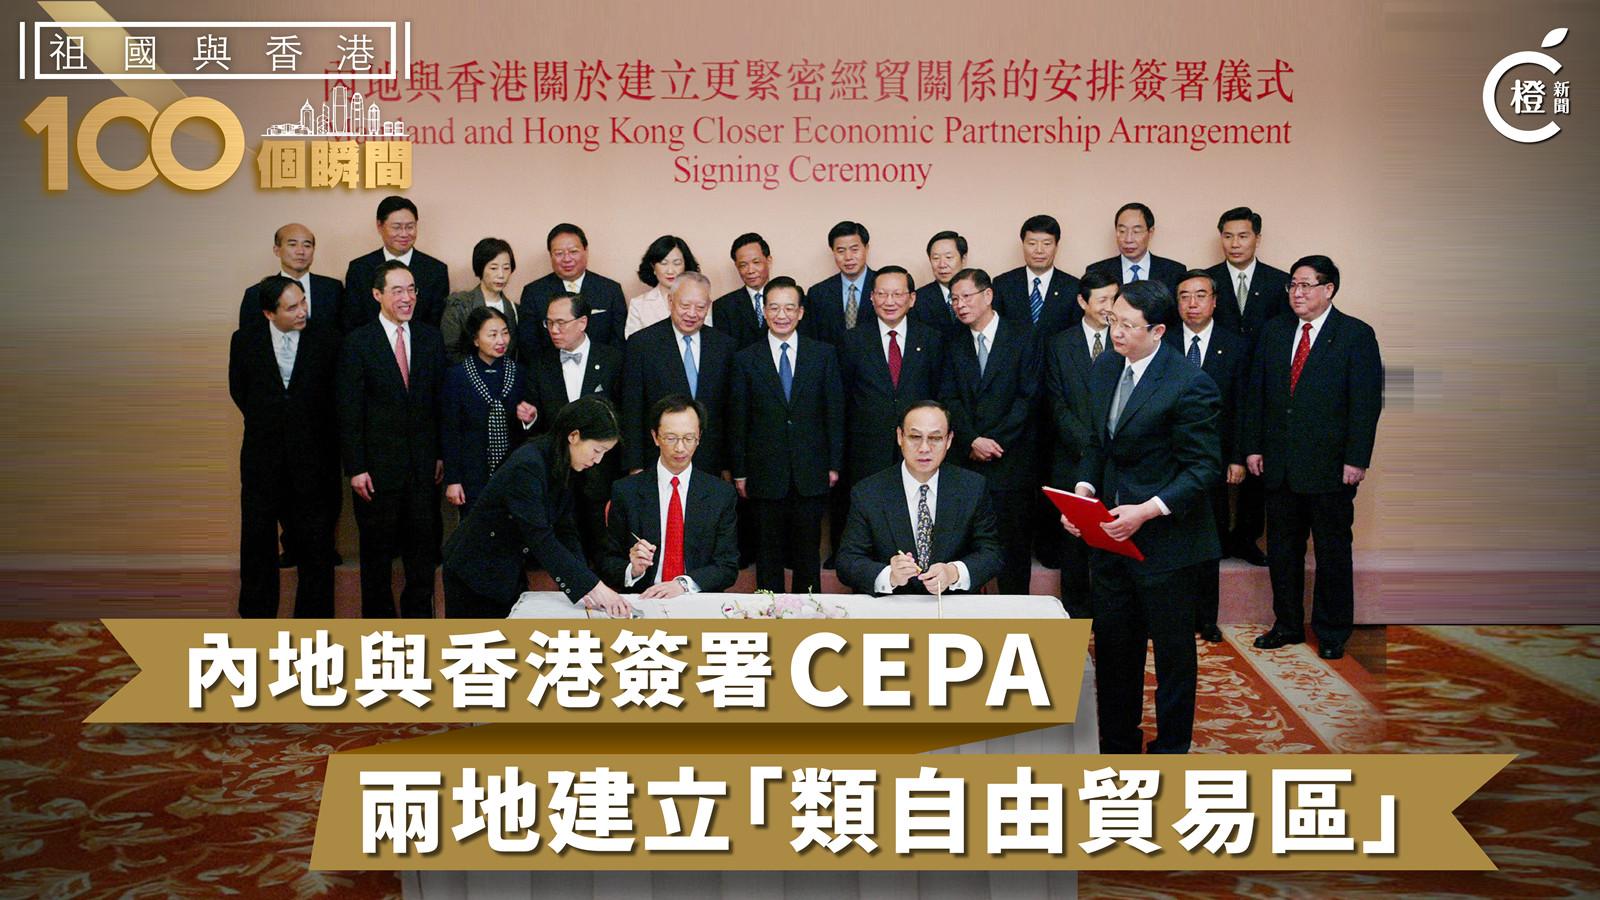 【祖國與香港100個瞬間】CEPA簽署 為香港經濟注入動力